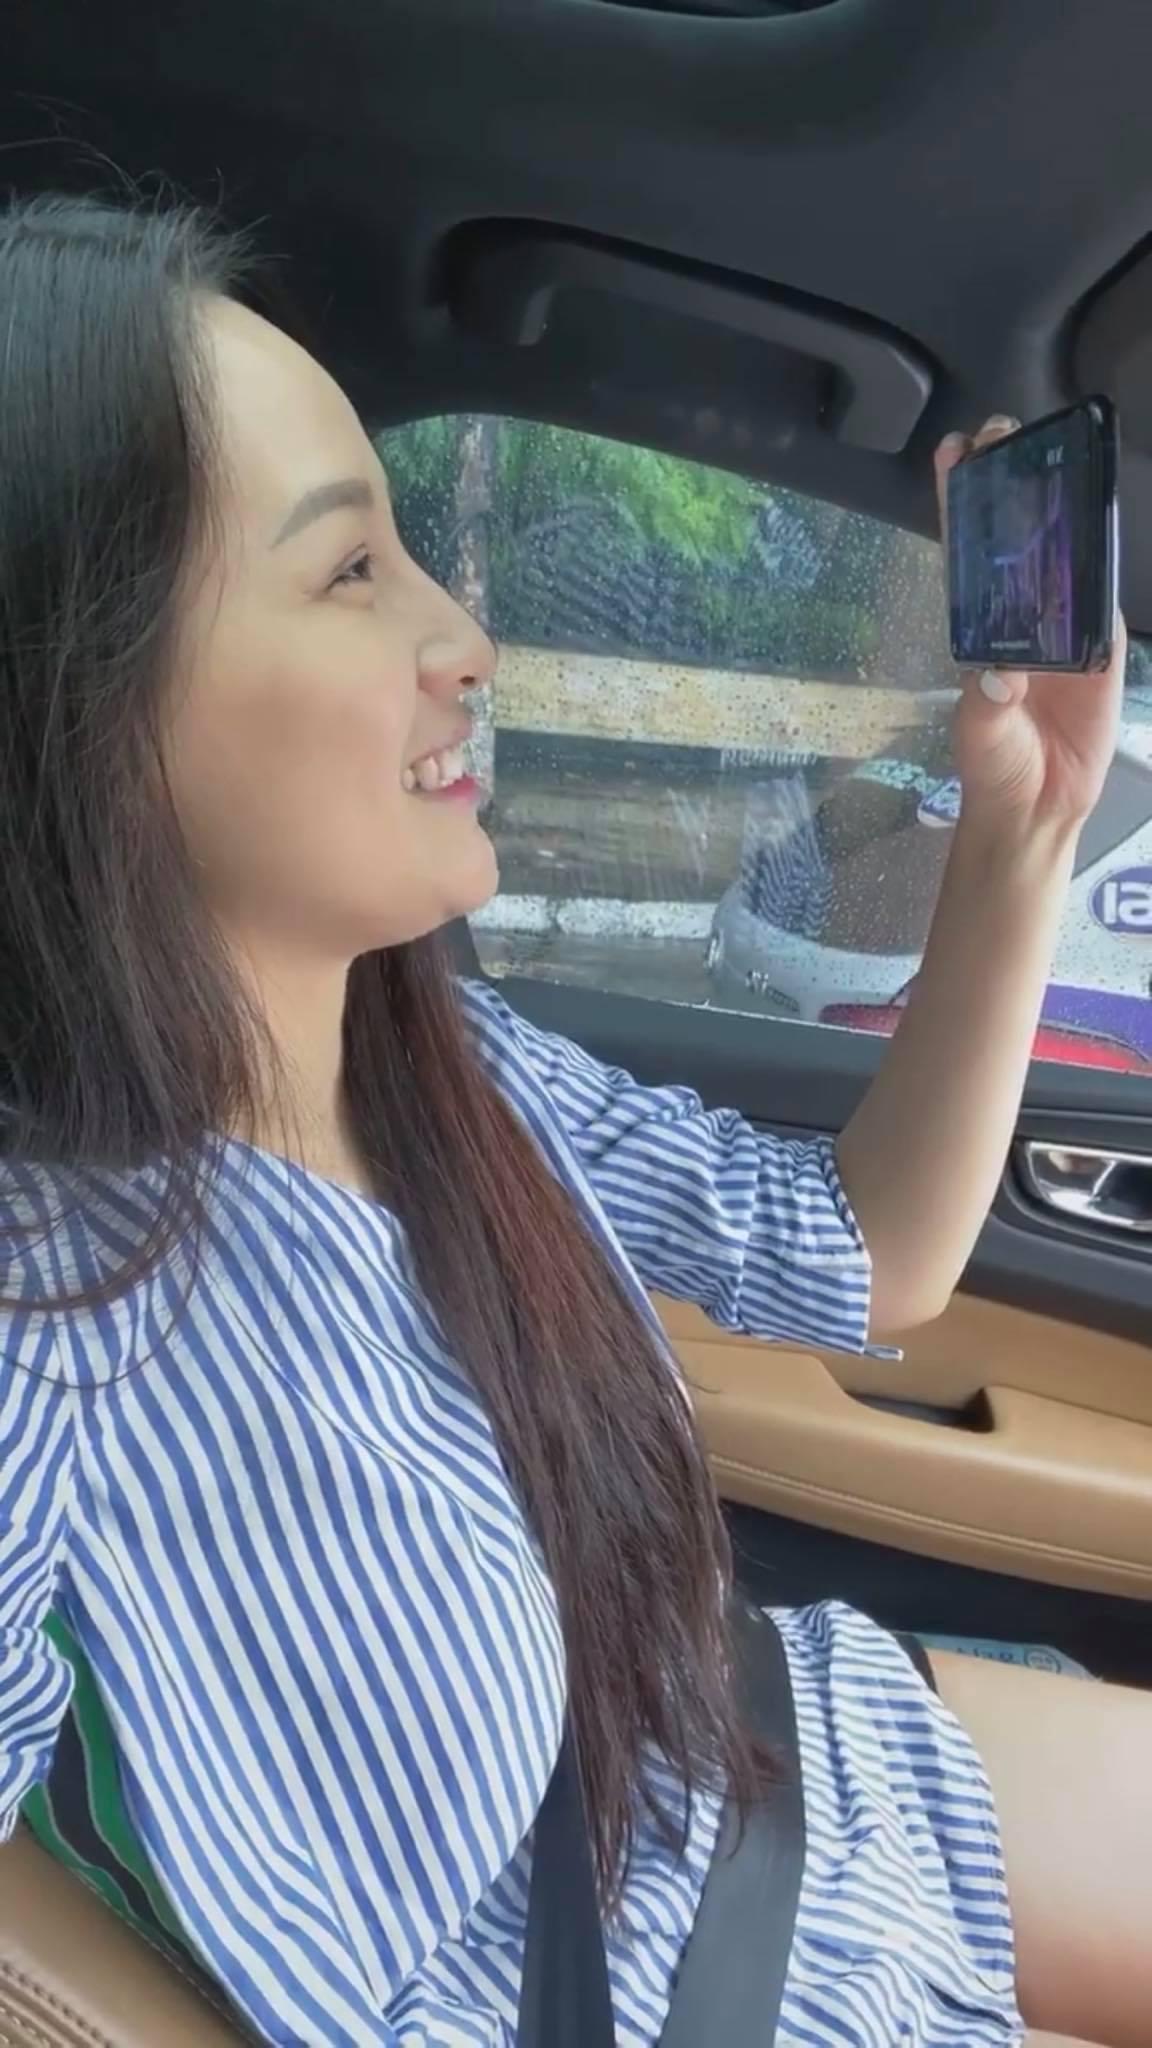 Chối đây đẩy chuyện tái hợp nhưng Mai Phương Thúy lại có phản ứng như cô gái đang yêu khi xem clip Noo Phước Thịnh 0